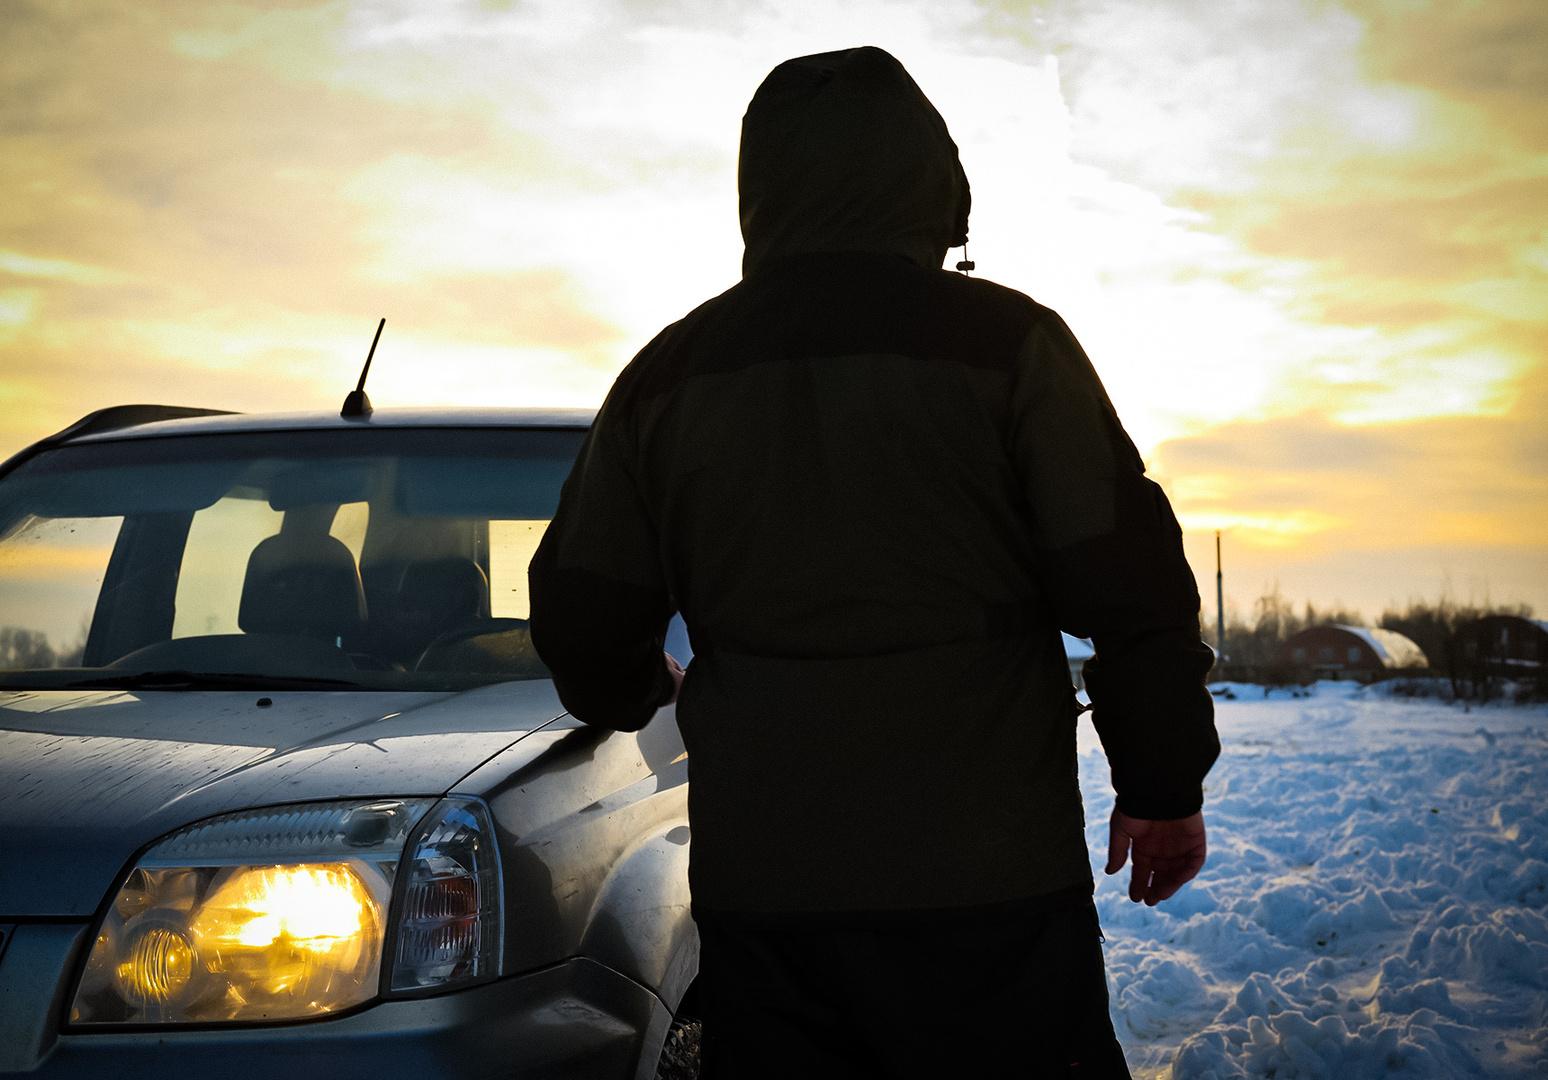 Выжить на зимней трассе: что всегда должно быть в автомобиле?